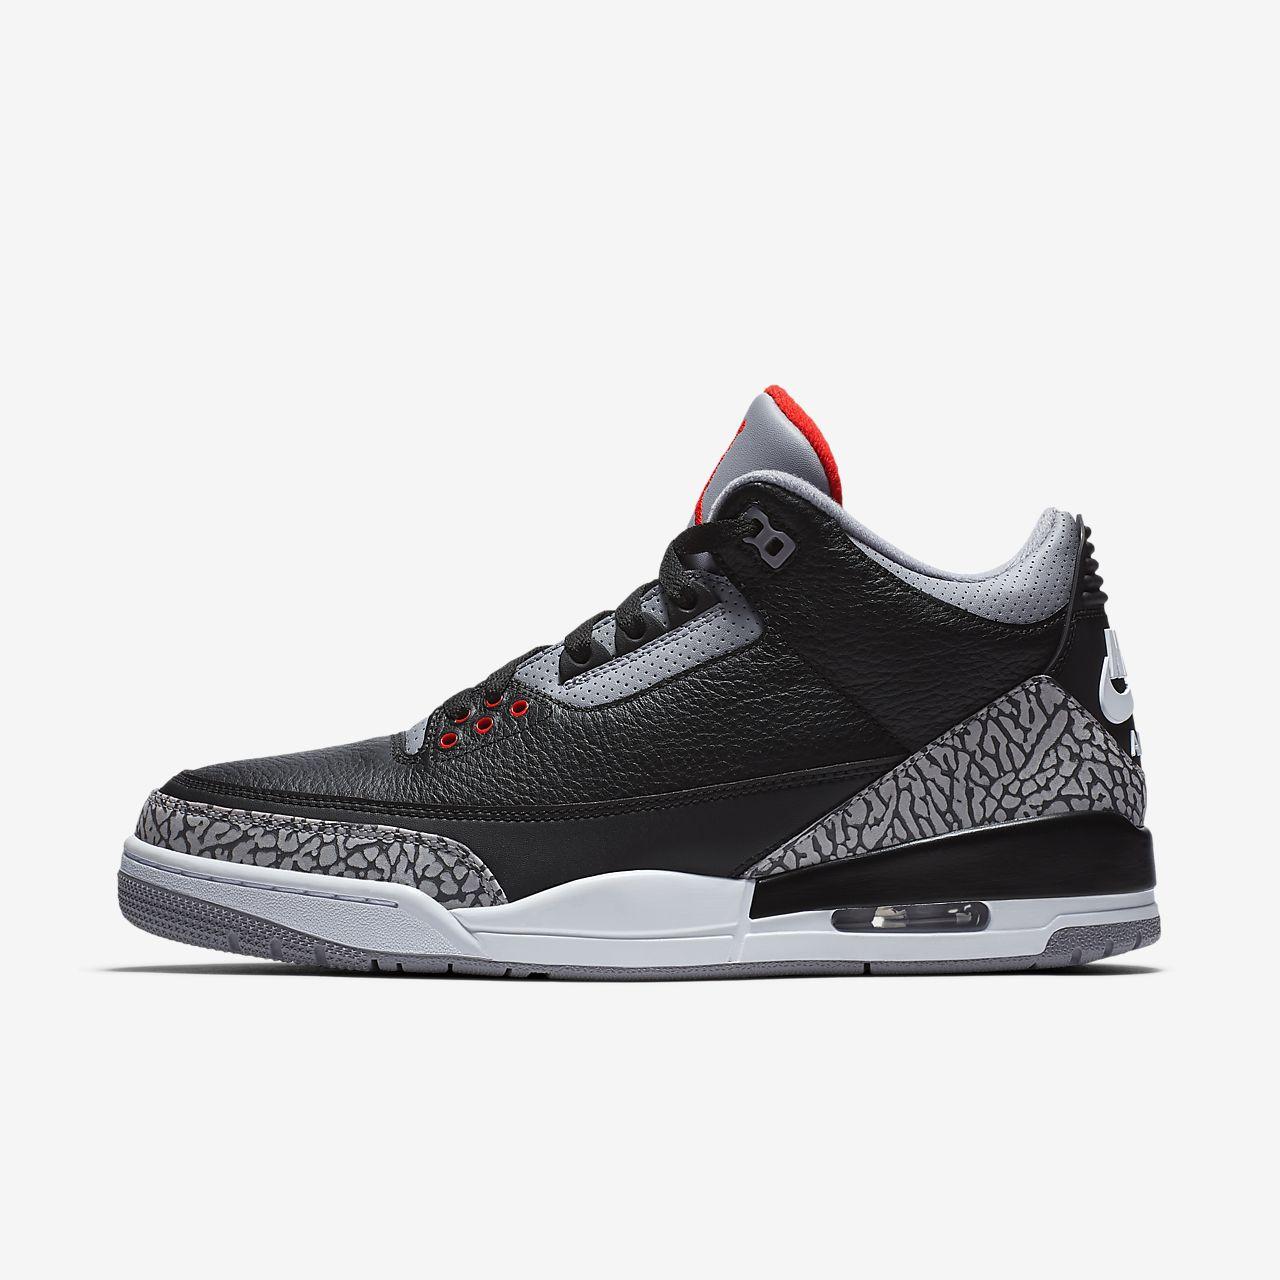 HommeNike 8 And Chaussure Air Retro Pour Ma C Jordan xoedBC